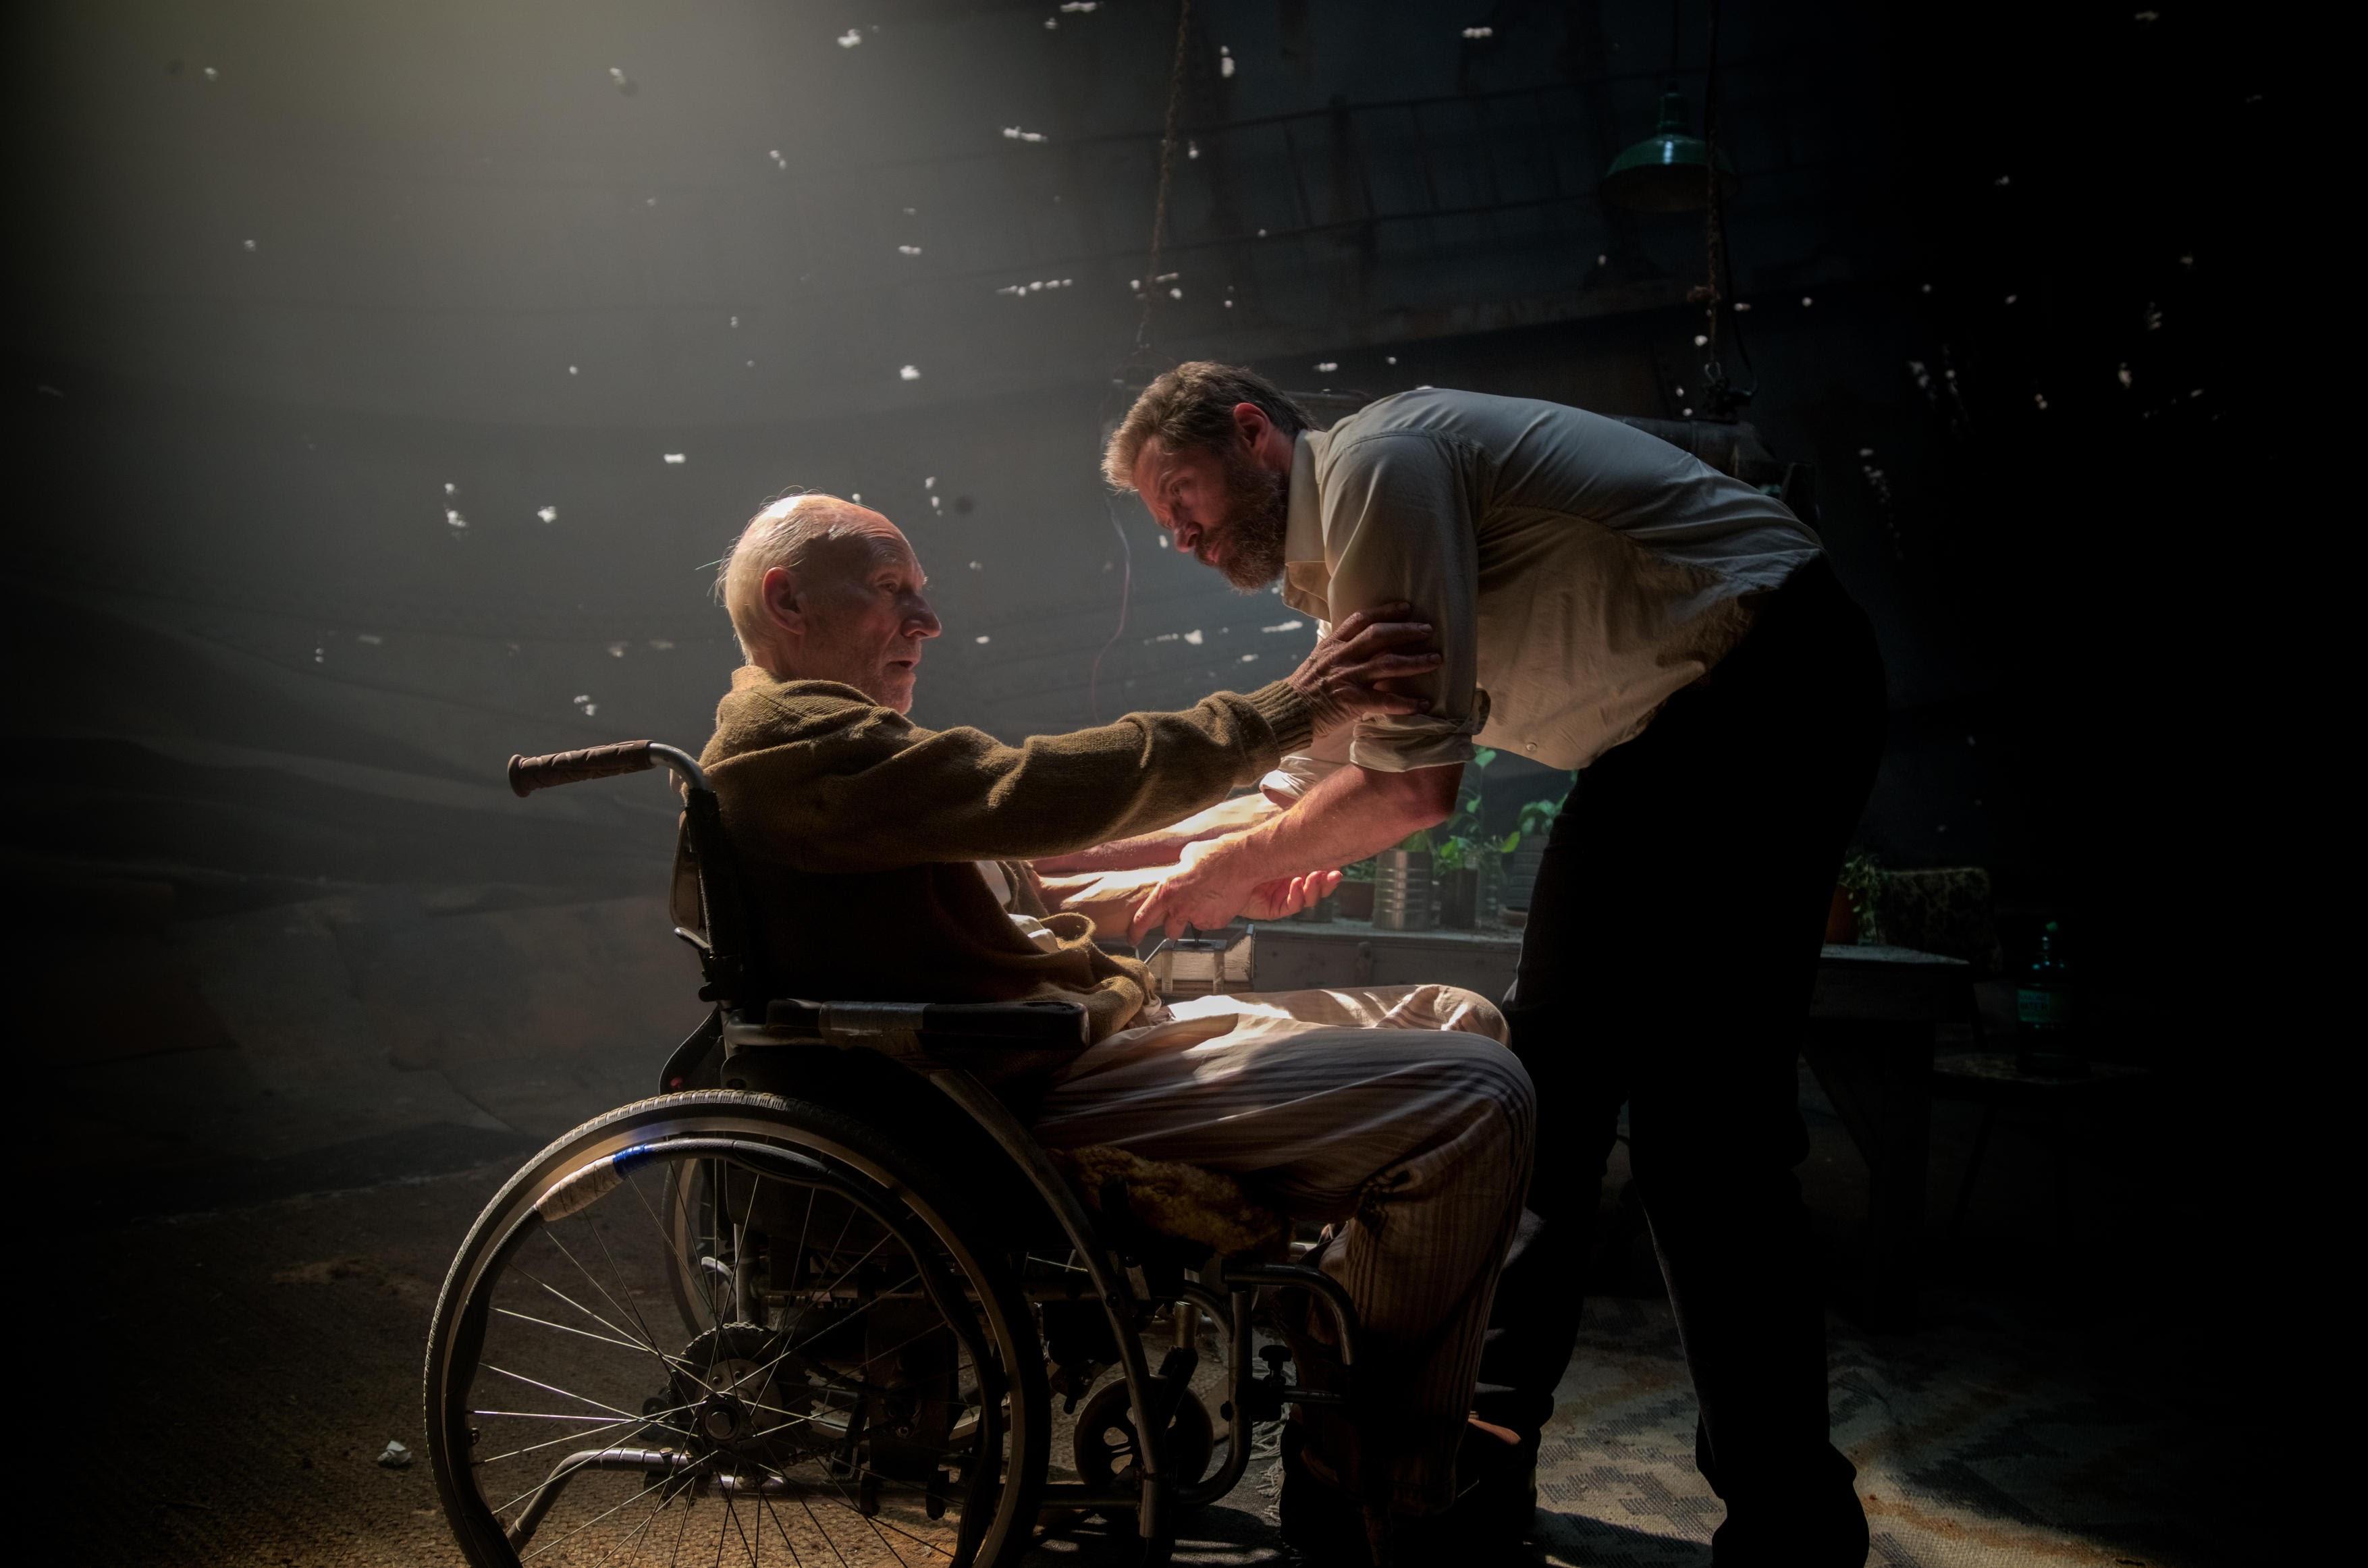 Hugh Jackman & Patrick Stewart set Guinness World Record for the longest career as a Marvel superhero : ウルヴァリンのヒュー・ジャックマンと老プロフェッサー X のパトリック・スチュワートが息の長いヒーローとして、ギネスの世界記録を新たに樹立したことが祝福された ! !